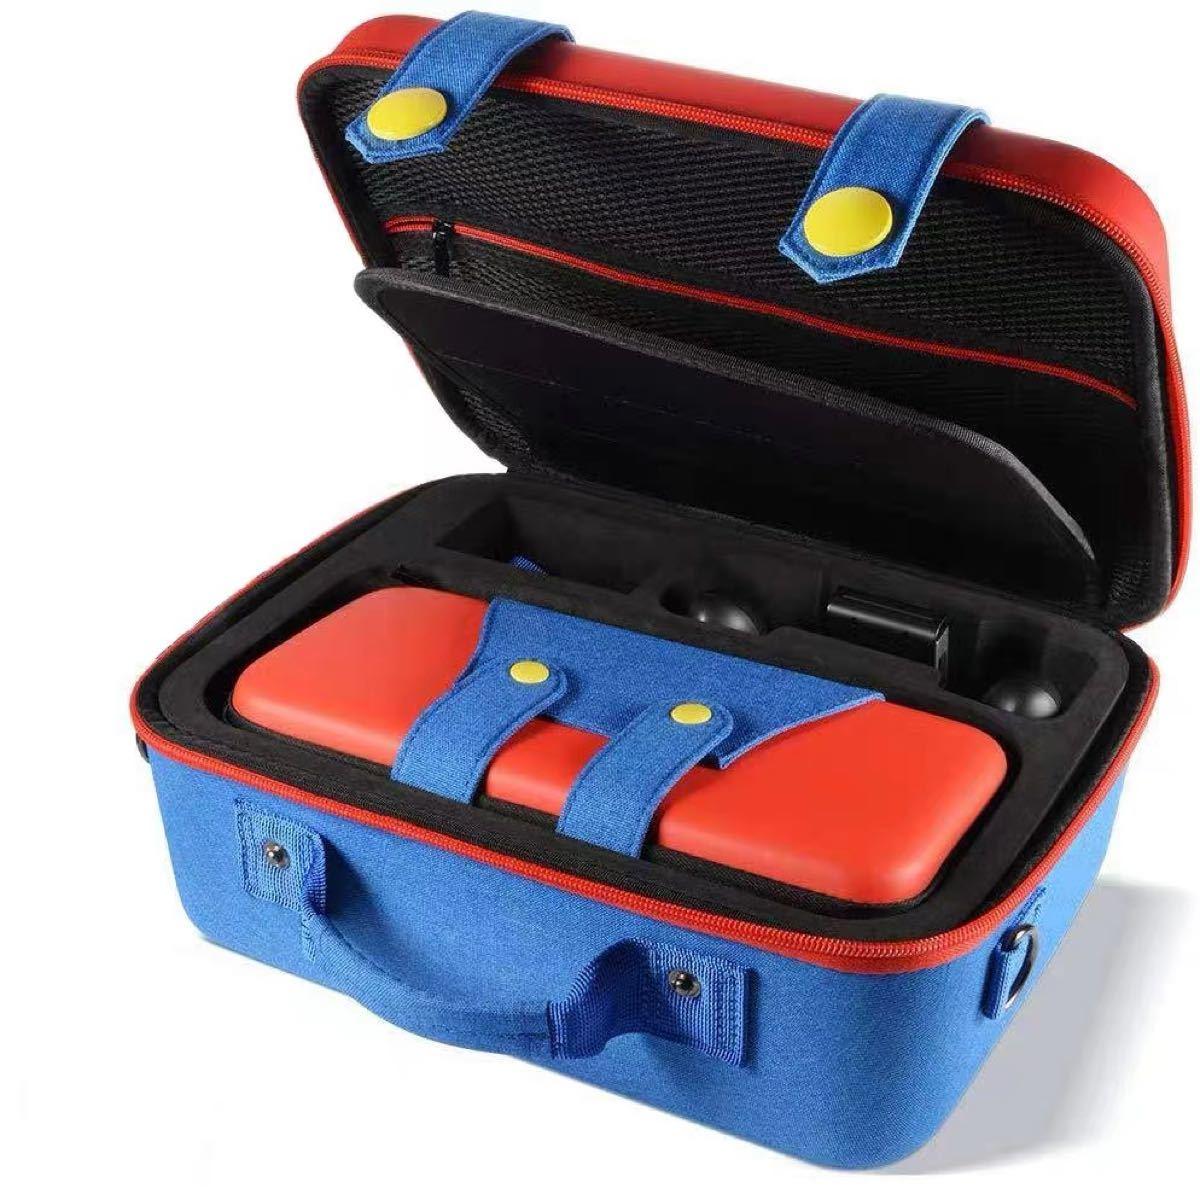 【新商品】大容量スイッチ ケース 収納バッグ オールインワン バッグ マリオケース